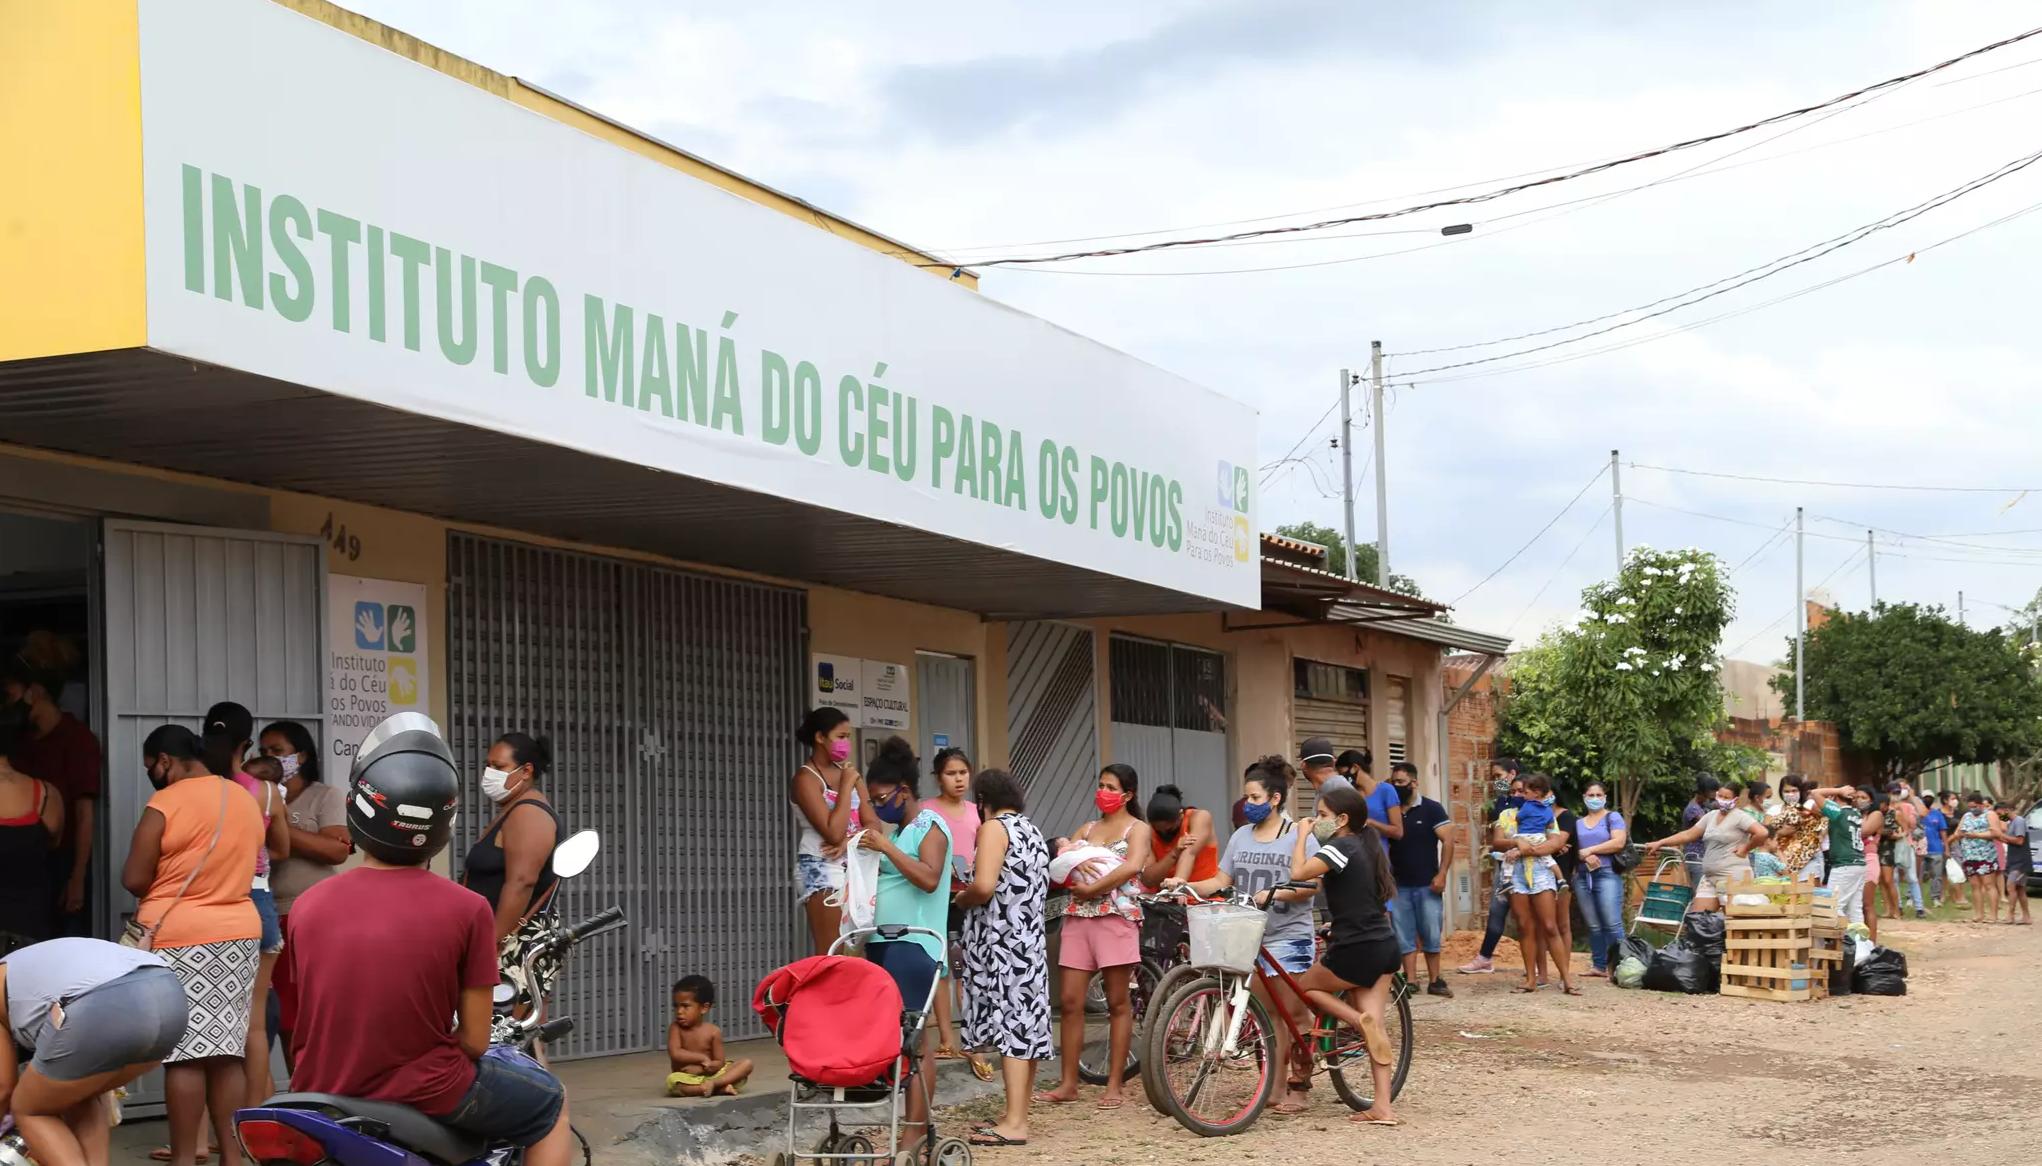 Pessoas recebendo cesta básica no Instituto Maná do Céu para os Povos. (Foto: Kísie Ainoã)